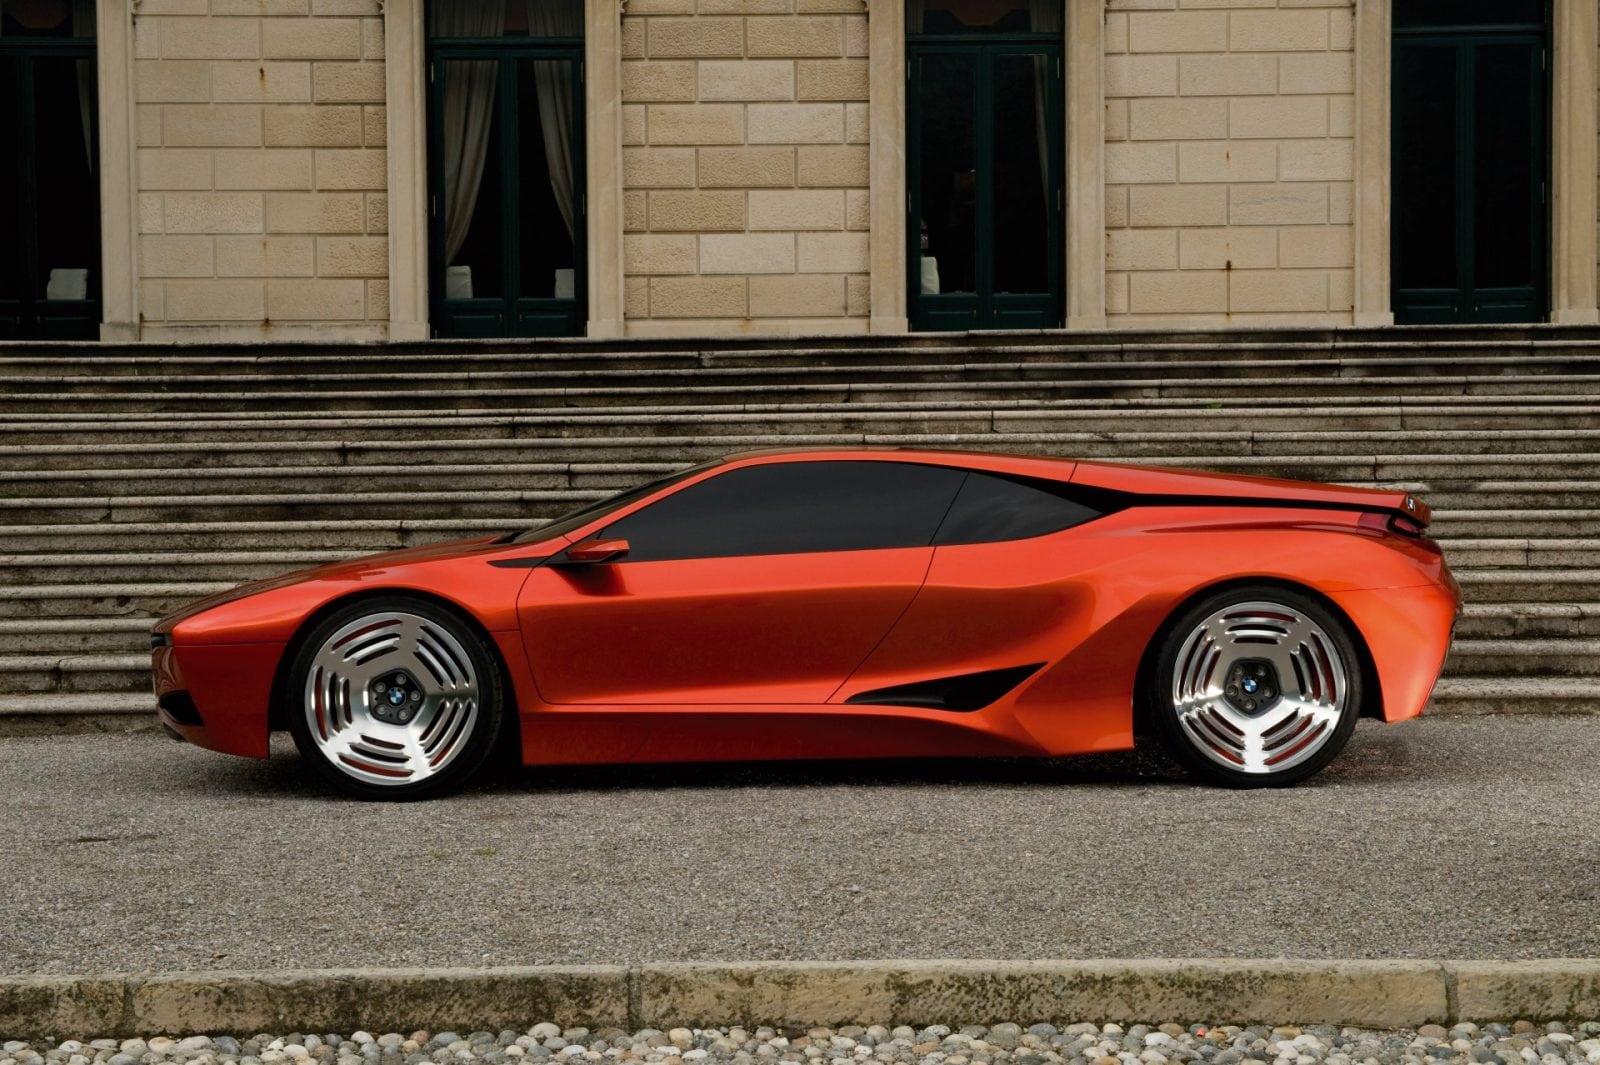 На выставке Concorso d'Eleganza Villa d'Este 2008 был представлен первый концепт BMW серии Hommage. Таким образом в BMW решили отметить 30-летие модели M1.